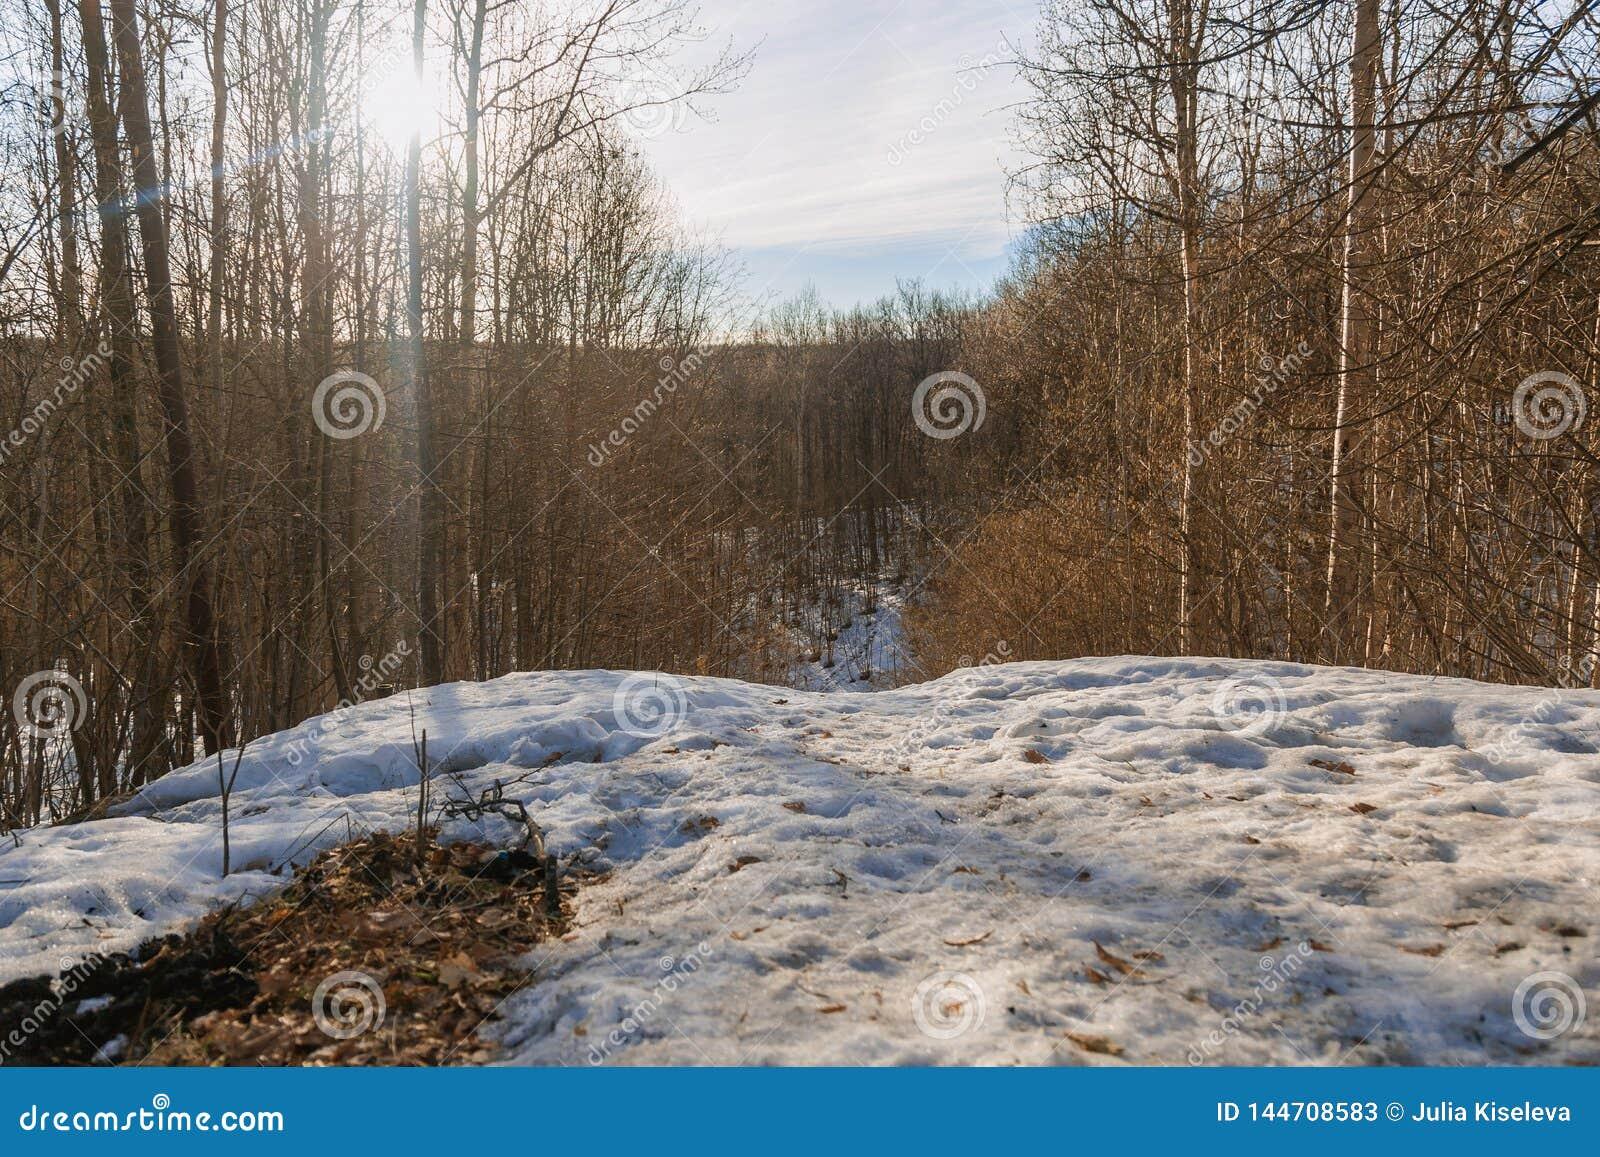 Wczesna wiosna w lesie